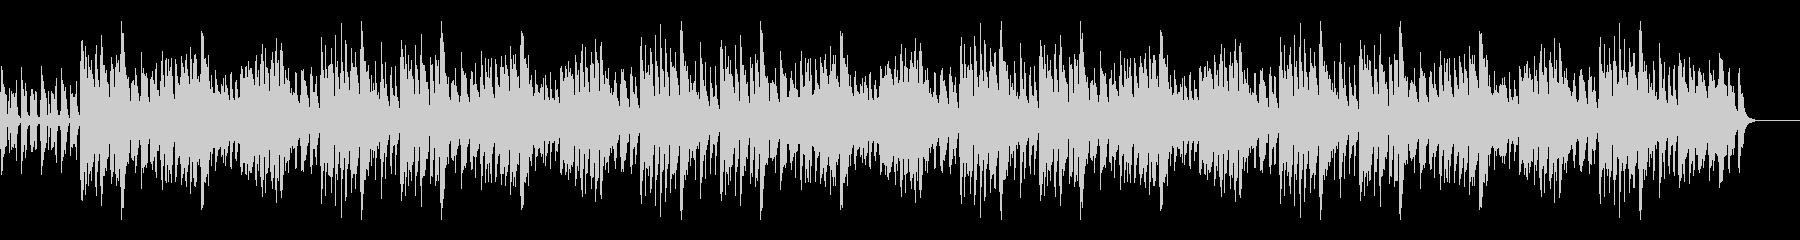 ほのぼのとしたサウンドの未再生の波形